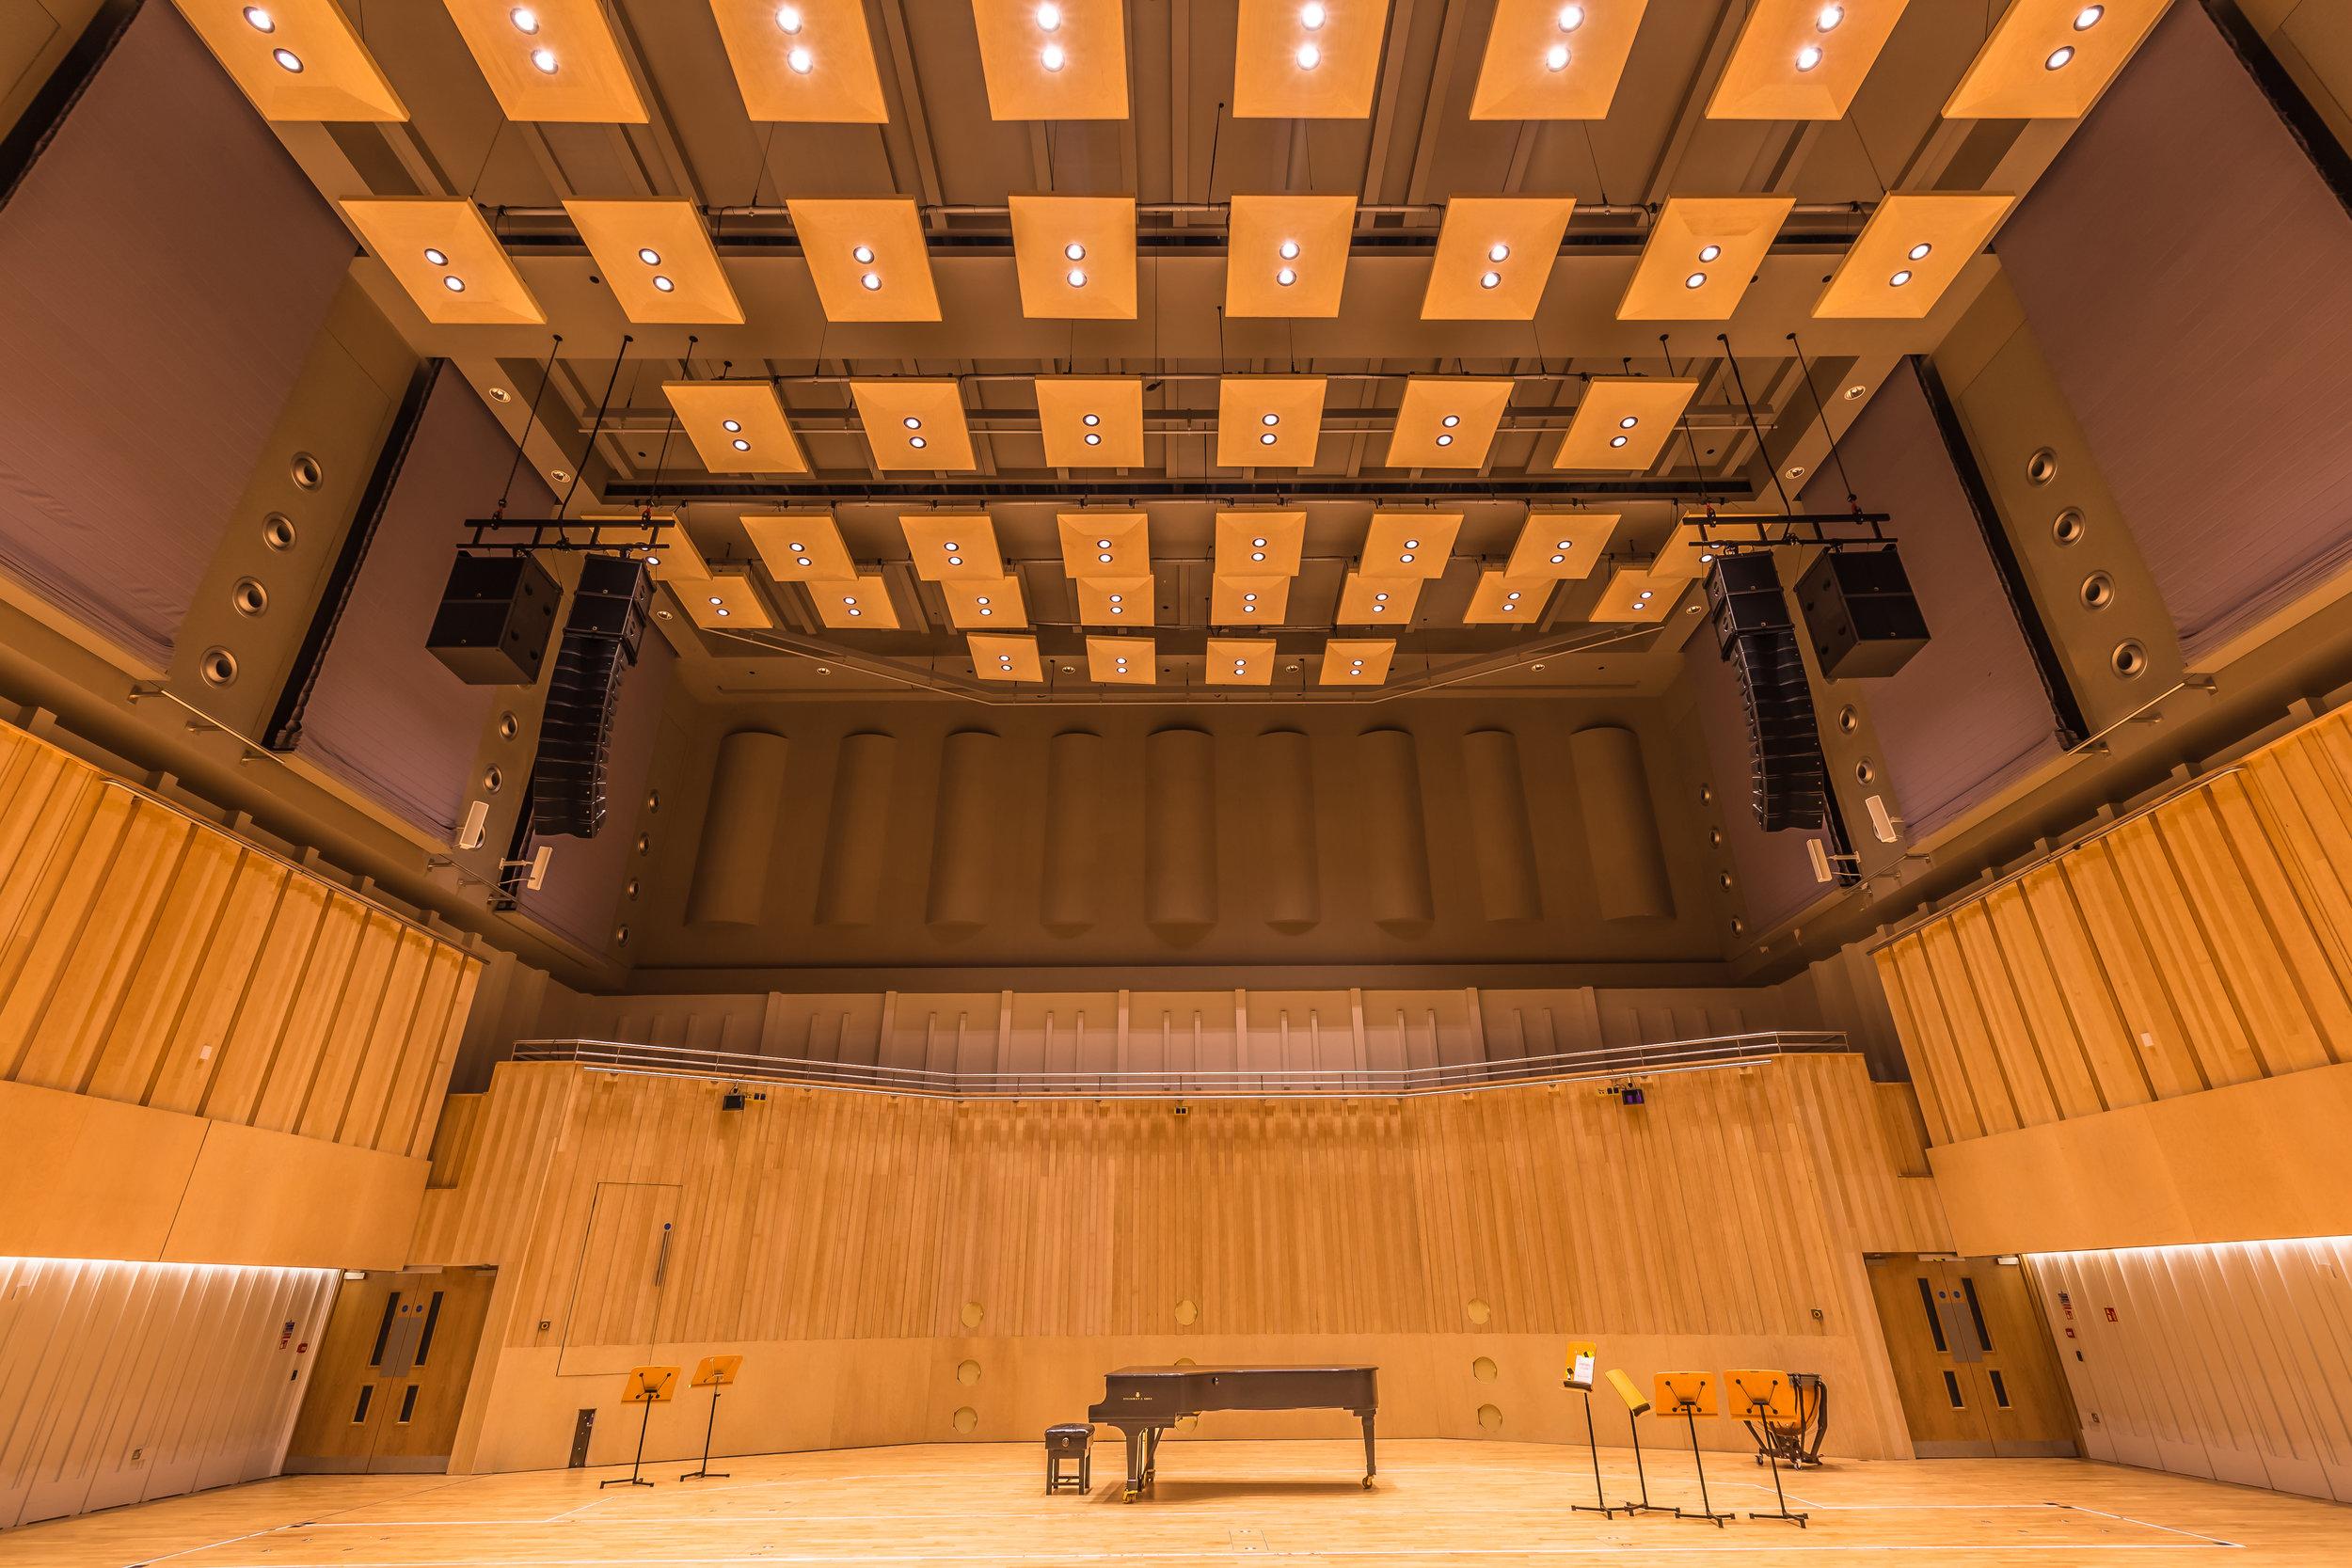 De bästa exemplen där Chroma-Q:s grundidé om flexibilitet i kombination med vackert och kraftfullt ljus är från Västerås konserthus och Den kungliga skotska nationalorkestern (bilden) där båda valt detta då deras musiker har höga krav på ljuskvalitén. Här har Chroma-Q accepterats som en ersättare till traditionellt ljus för klassiska orkestrar.